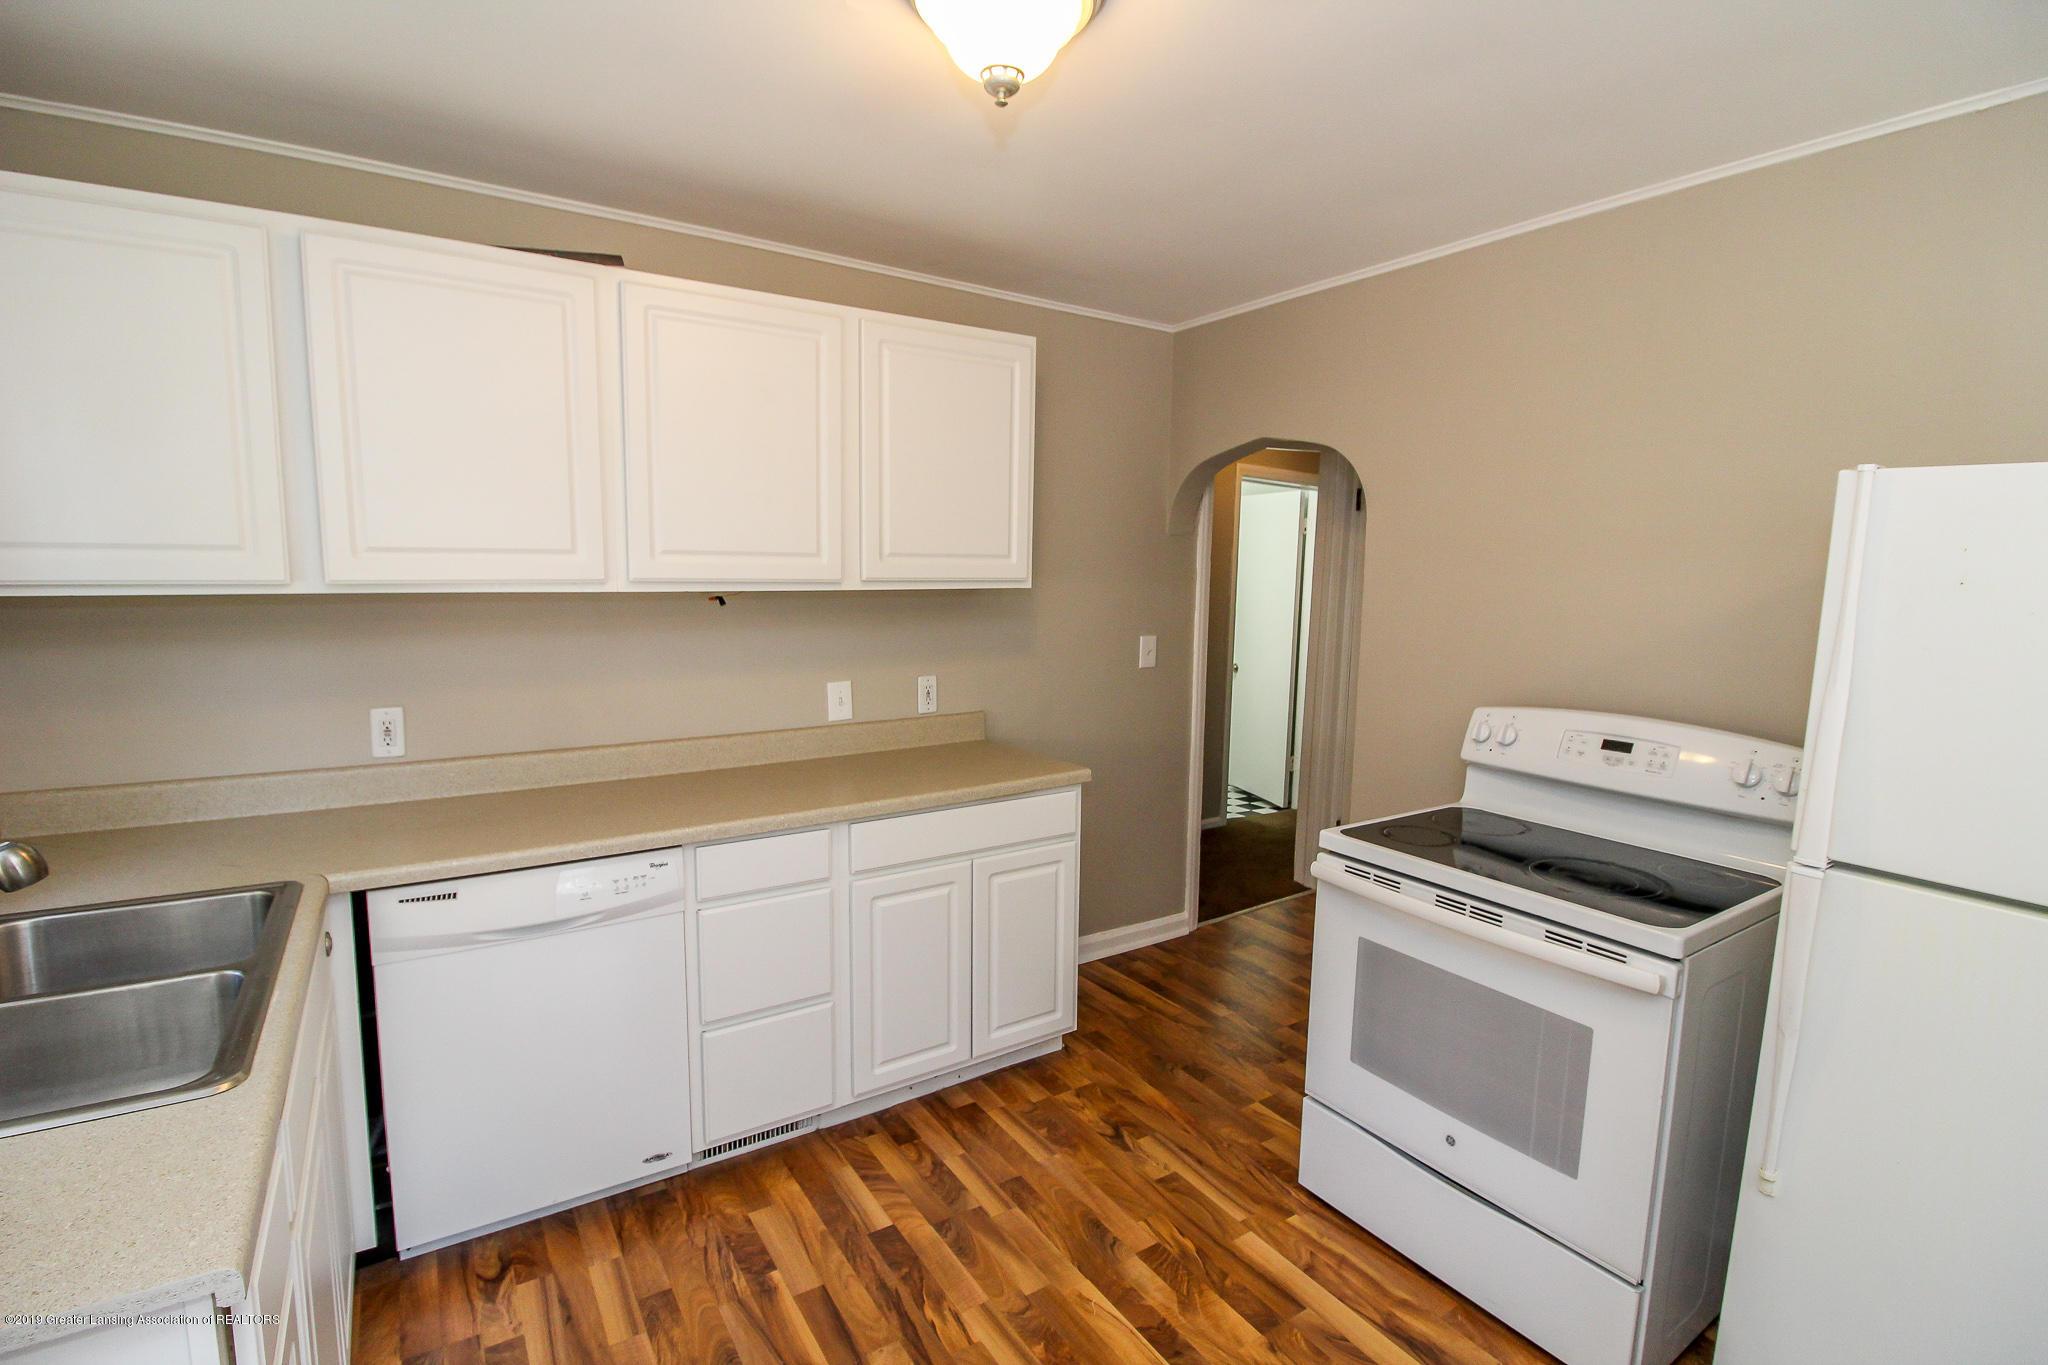 124 Northlawn Ave - 12 Kitchen 5 - 9